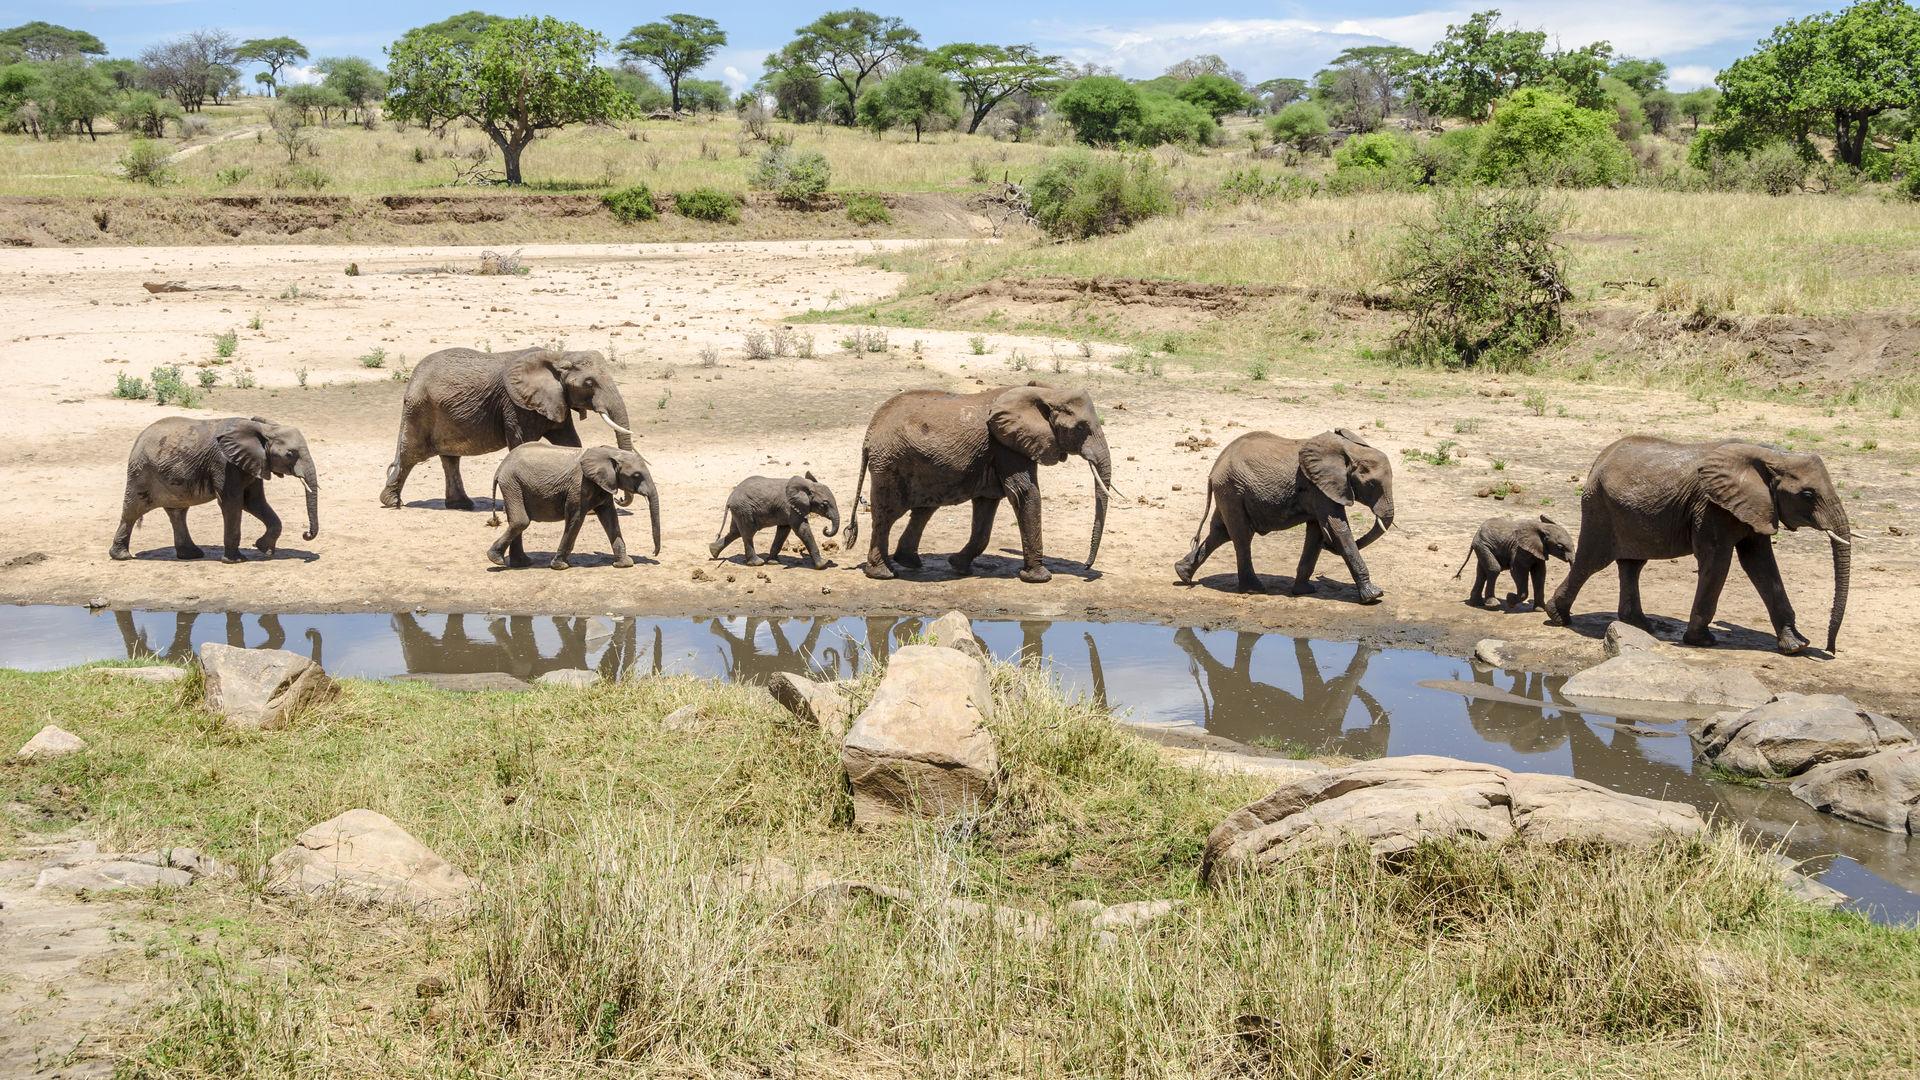 Bezienswaardigheden Tanzania - Hoogtepunten & nationale parken